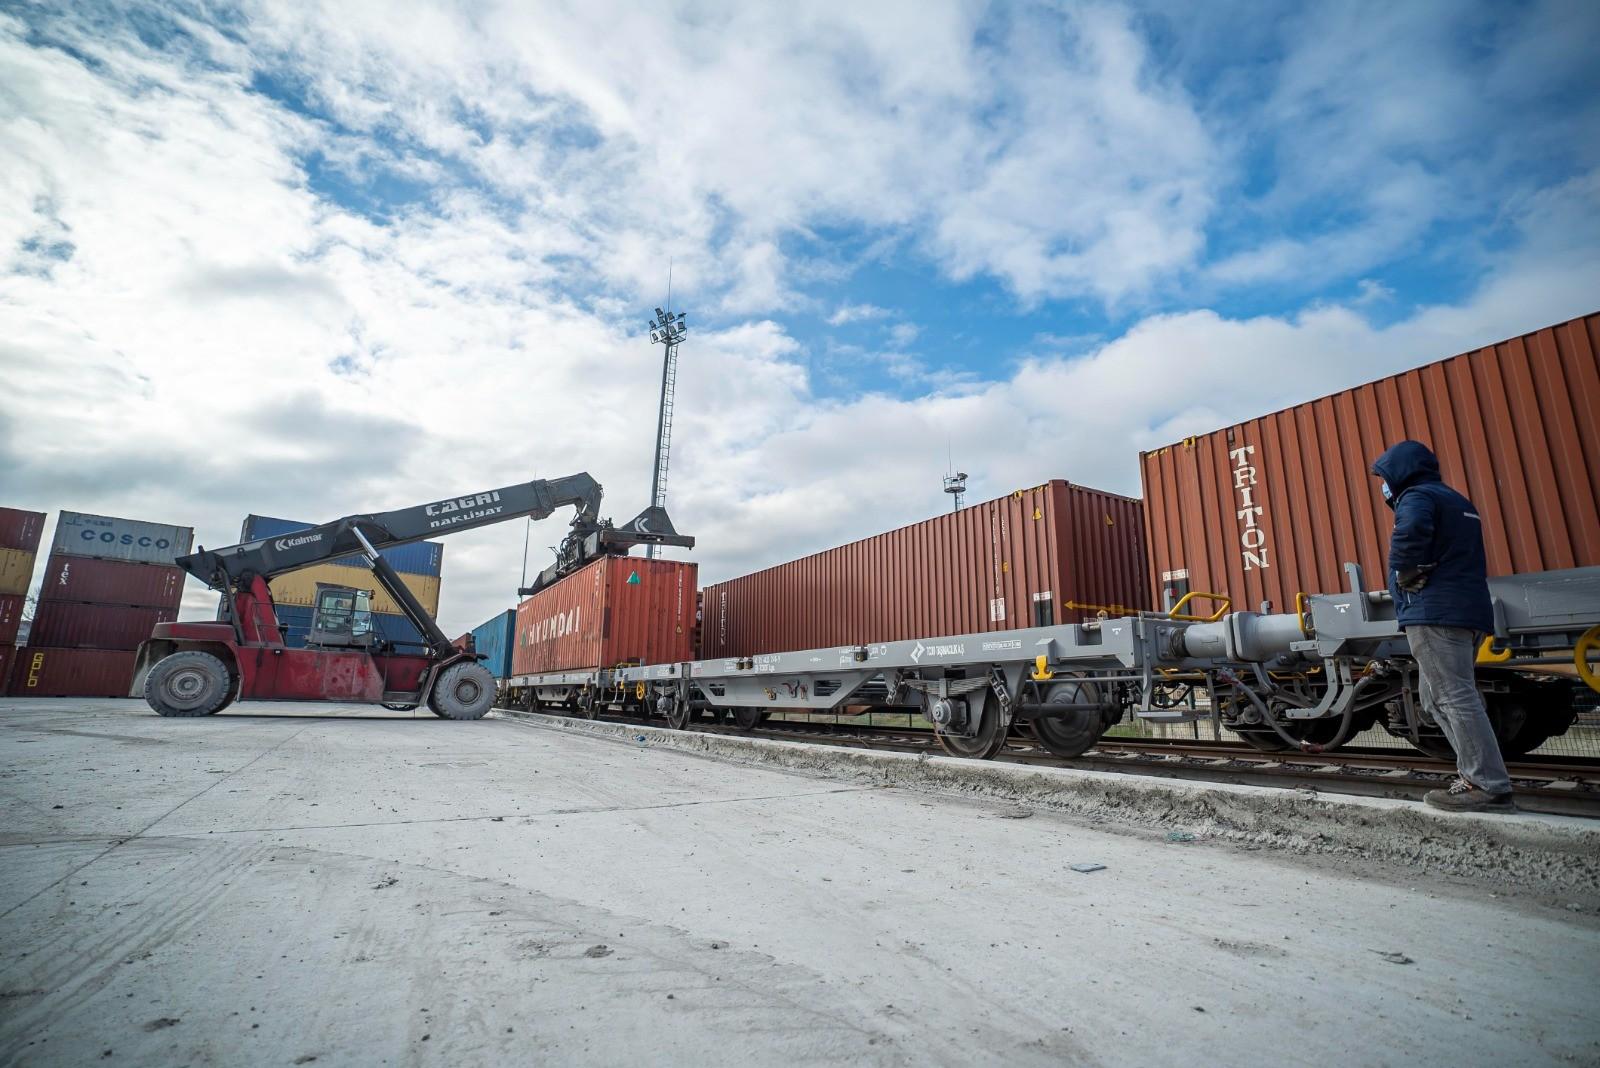 """<p>Ulaştırma ve Altyapı Bakanlığı,, Türkiye'den Çin'e gidecek ikinci ihracat yük treninin 42 vagon/konteyner içerisinde bin 400 adet buzdolabı yüküyle 20 Aralık saat 19.05'de Çerkezköy'den hareket ettiğini bildirdi.</p> <p></p> <p>Türkiye'den Çin'e hareket eden ilk ihracat treni, Ulaştırma ve Altyapı Bakanı Adil Karaismailoğlu'nun katıldığı törenle 4 Aralık 2020 tarihinde İstanbul'dan uğurlanmış, toplamda 8 bin 693 kilometre yol kat edip; 2 kıta, 2 deniz ve 5 ülke geçen ihracat treni, 19 Aralık sabah saatlerinde Çin'in Xi'an şehrine ulaşmıştı.<br /><br /></p> <p><strong>42 konteyner içinde beyaz eşya taşıyacak</strong></p> <p></p> <p>Ulaştırma ve Altyapı Bakanlığı, Türkiye'den Çin'e gidecek ikinci ihracat yük treninin de yola çıktığını bildirdi. Bakanlık tarafından yapılan açıklamada şu ifadelere yer verildi:<br />""""Türkiye-Çin arasında ikinci ihracat treni Çerkezköy'den 42 vagon/konteyner içerisinde bin 400 adet buzdolabı yüküyle 20 Aralık 2020 tarihinde saat 19.05'de Çerkezköy'den hareket etmiştir. Toplam uzunluğu 770 metre olan ihracat treni bu sabaha karşı Marmaray'dan geçmiş, İzmit'e (Köseköy) ulaşmıştır. Burada gümrük işlemlerinin tamamlanmasının ardından gün içerisinde Çin Xi'an şehrine doğru yoluna devam etmiştir.""""<br /><br /></p> <p><strong>Türkiye, Asya-Avrupa arasında transit taşımacılığın merkezi haline gelecek</strong></p> <p></p> <p>Açıklamada, ihracat treninin Türkiye'nin Asya-Avrupa arasındaki transit taşımacılığın merkezi haline geleceğinin en önemli kanıtı olduğu vurgulanırken; ihracat treninin takip edeceği güzergâh bilgileri de paylaştı. Türkiye içinde İstanbul (Marmaray)-İzmit(Köseköy)-Eskişehir-Ankara-Kırıkkale-Sivas-Erzincan-Erzurum-Kars güzergâhını izleyecek trenin, Ahılkelek İstasyonu'ndan yurt dışına çıkış yapacağı bildirildi.</p> <p></p> <p>Yurt dışı parkurunda ise; sırasıyla Gürcistan-Azerbaycan-Hazar Denizi Geçişi Kazakistan ve Çin'in Xi'an şehrinde yolculuğu son bulacak olan trenin, toplamda 42 konteyner içinde beyaz eşya (soğutucu) taşı"""